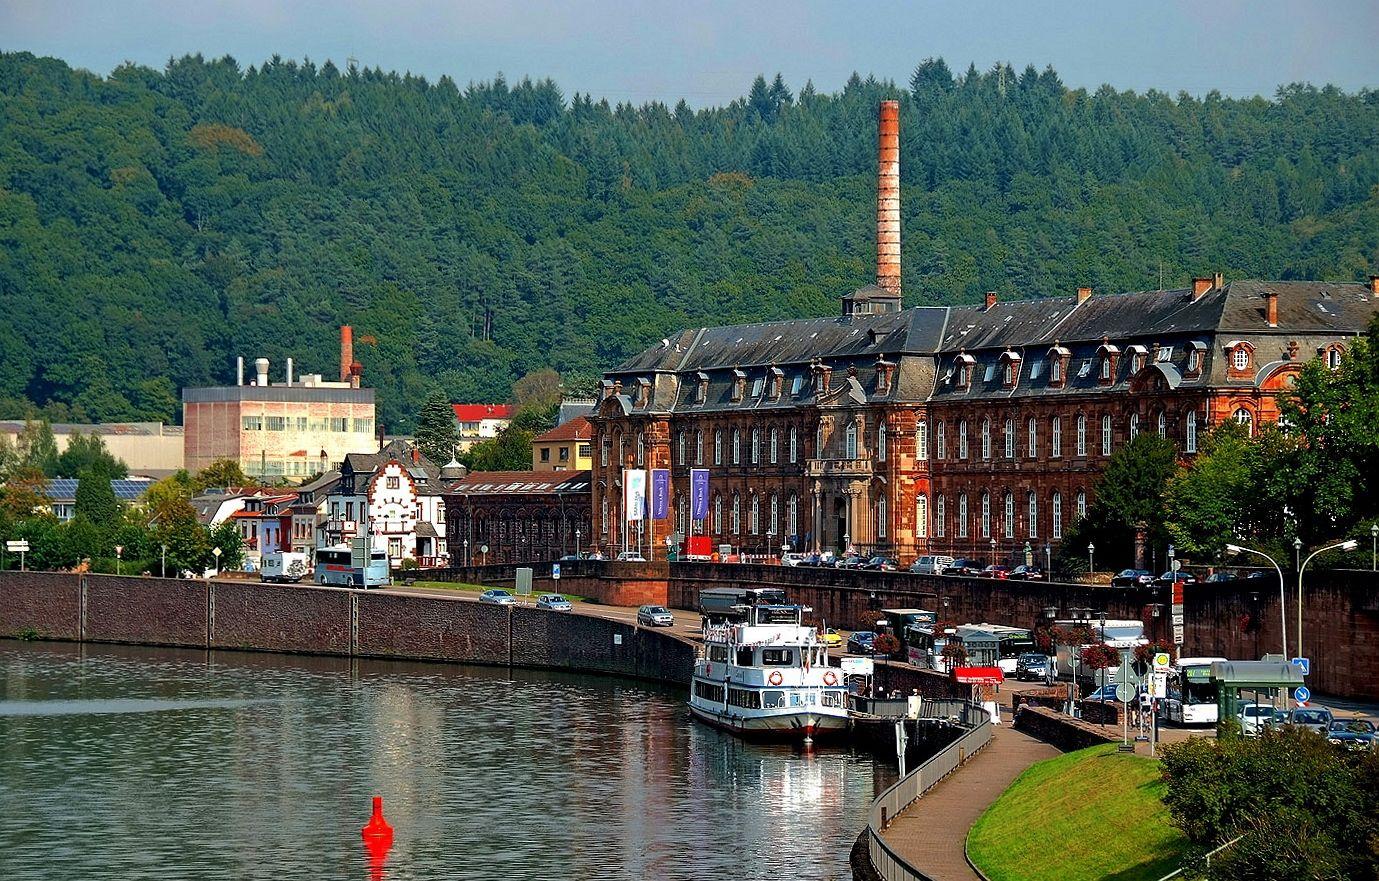 Fresh Saarland Jugend Ende Leben Deutschland Villeroy Deutschland Villeroy Oktober